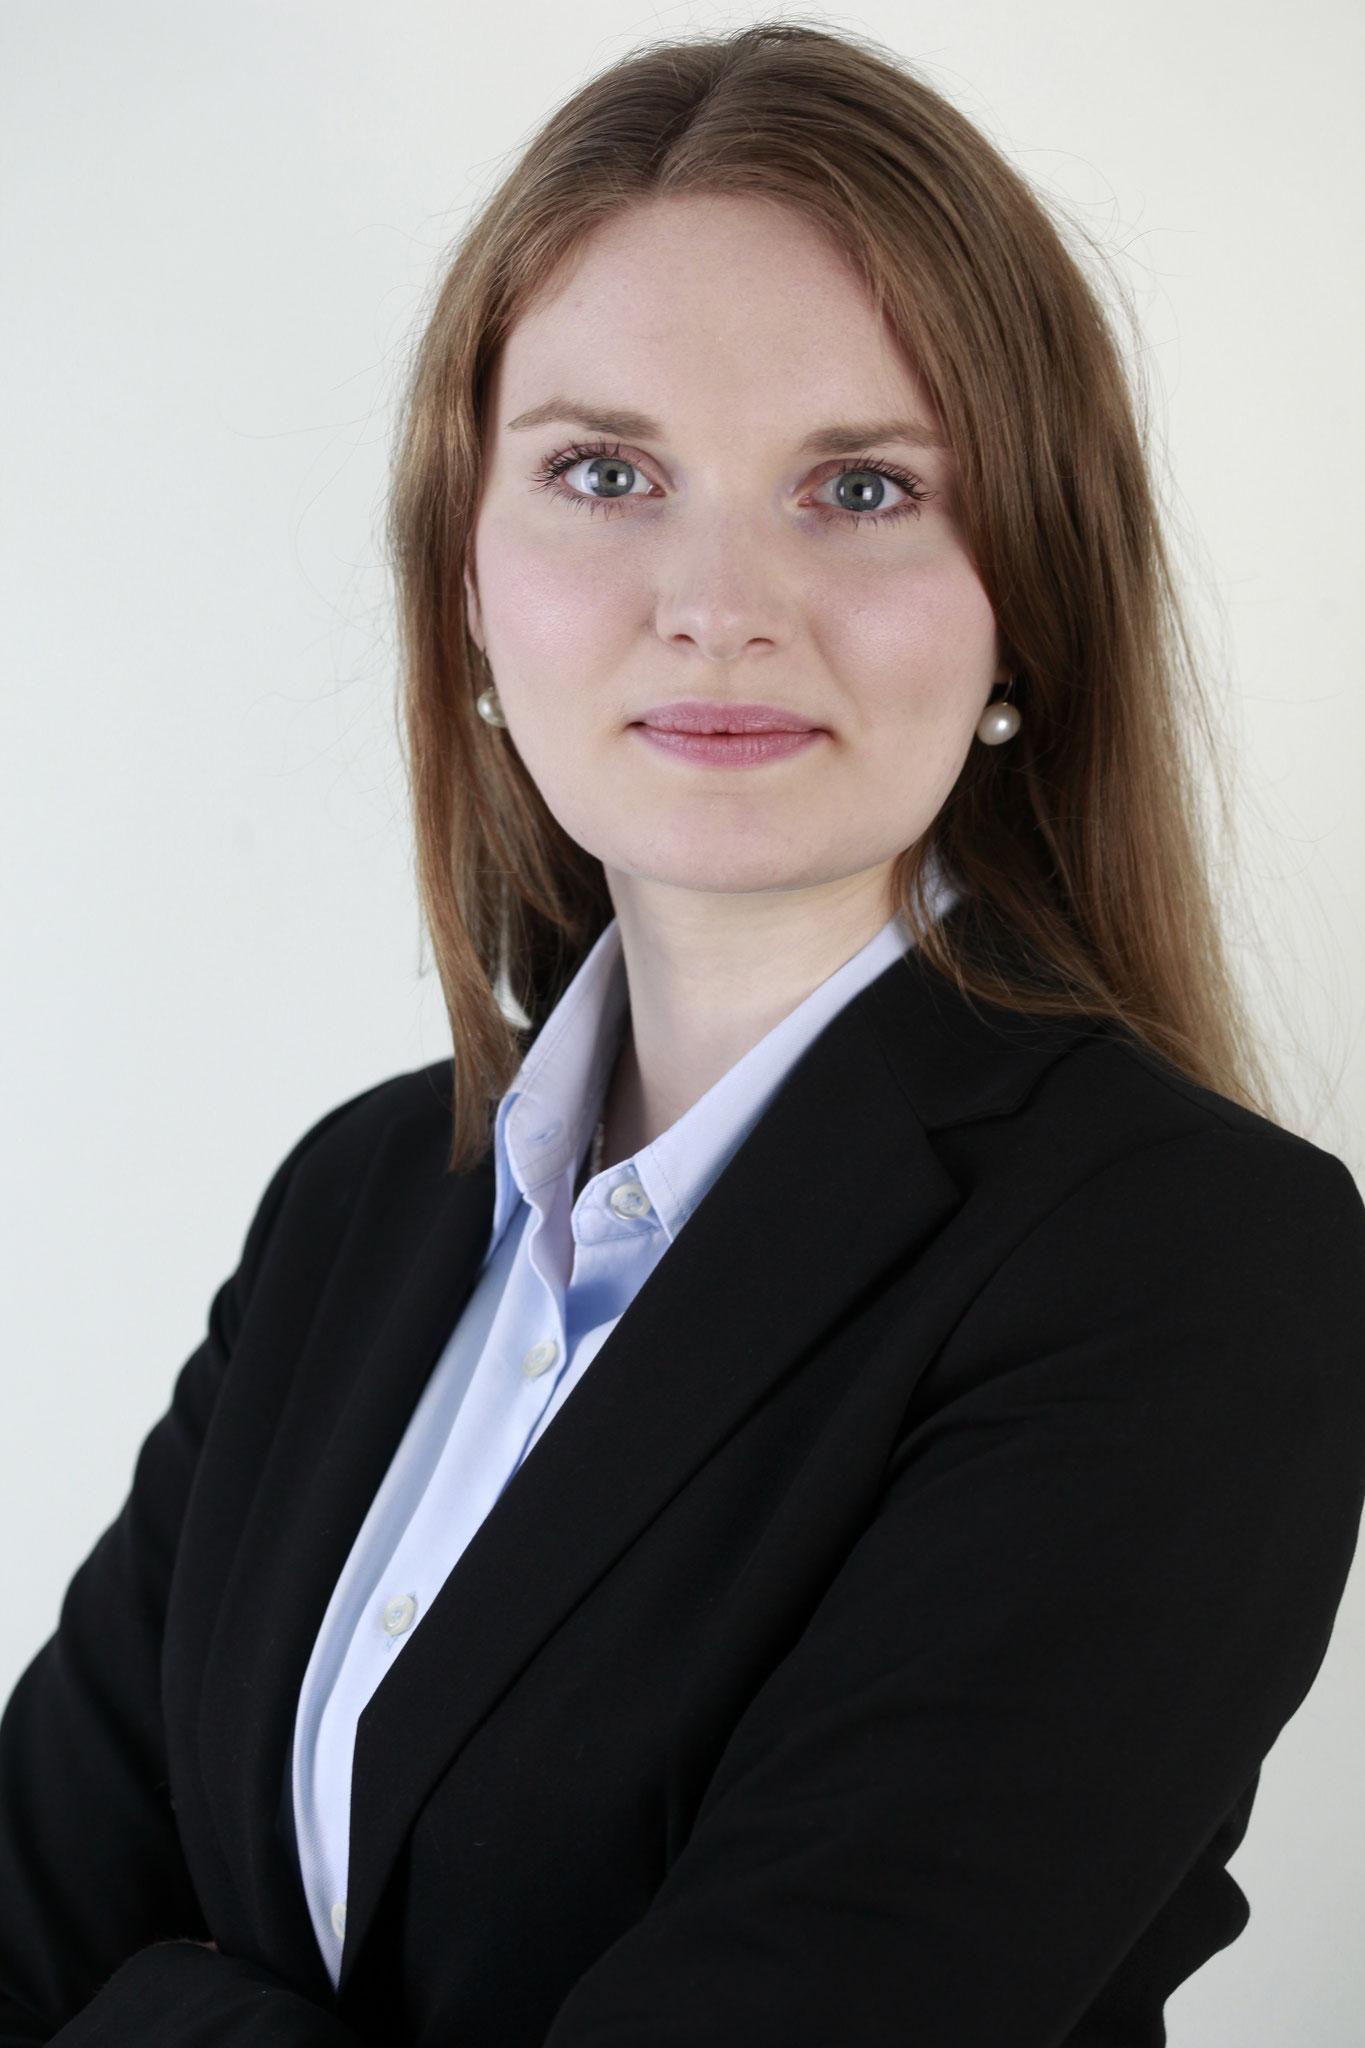 Bianca Lwowski